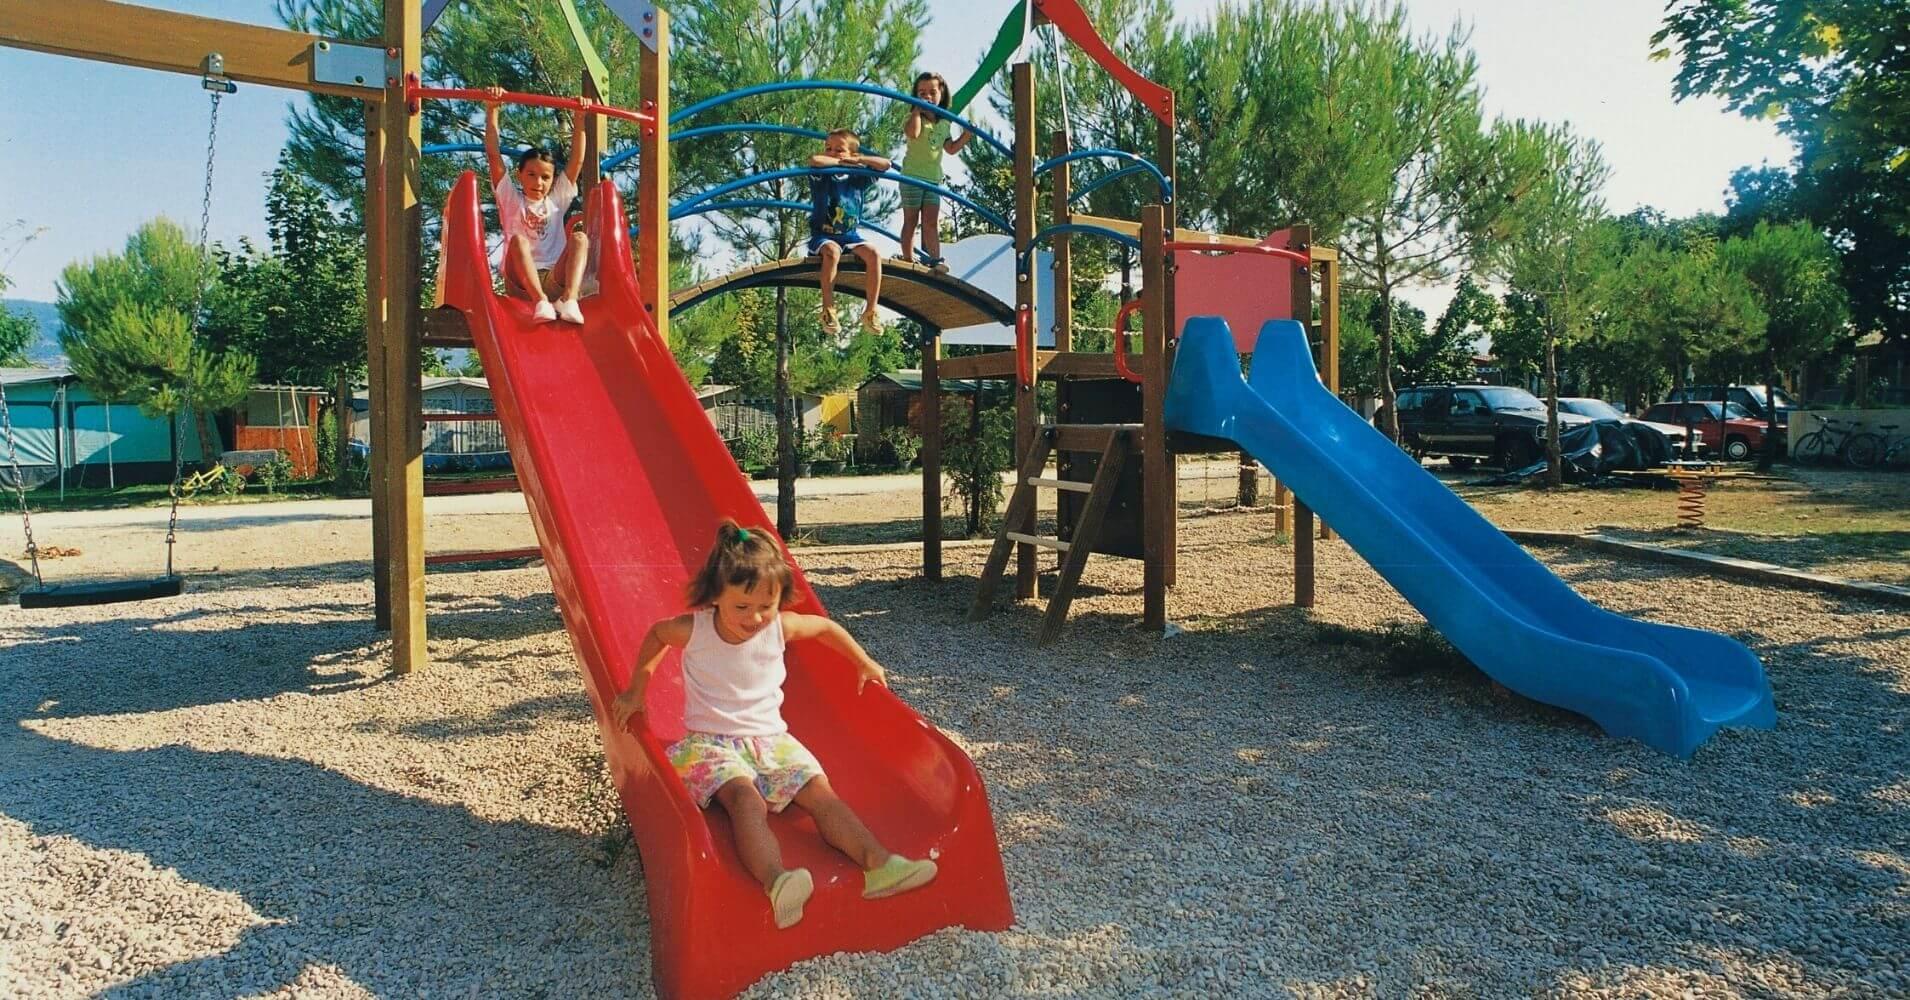 Parque Infantil del Camping Aritzaleku. Lerate, Navarra.